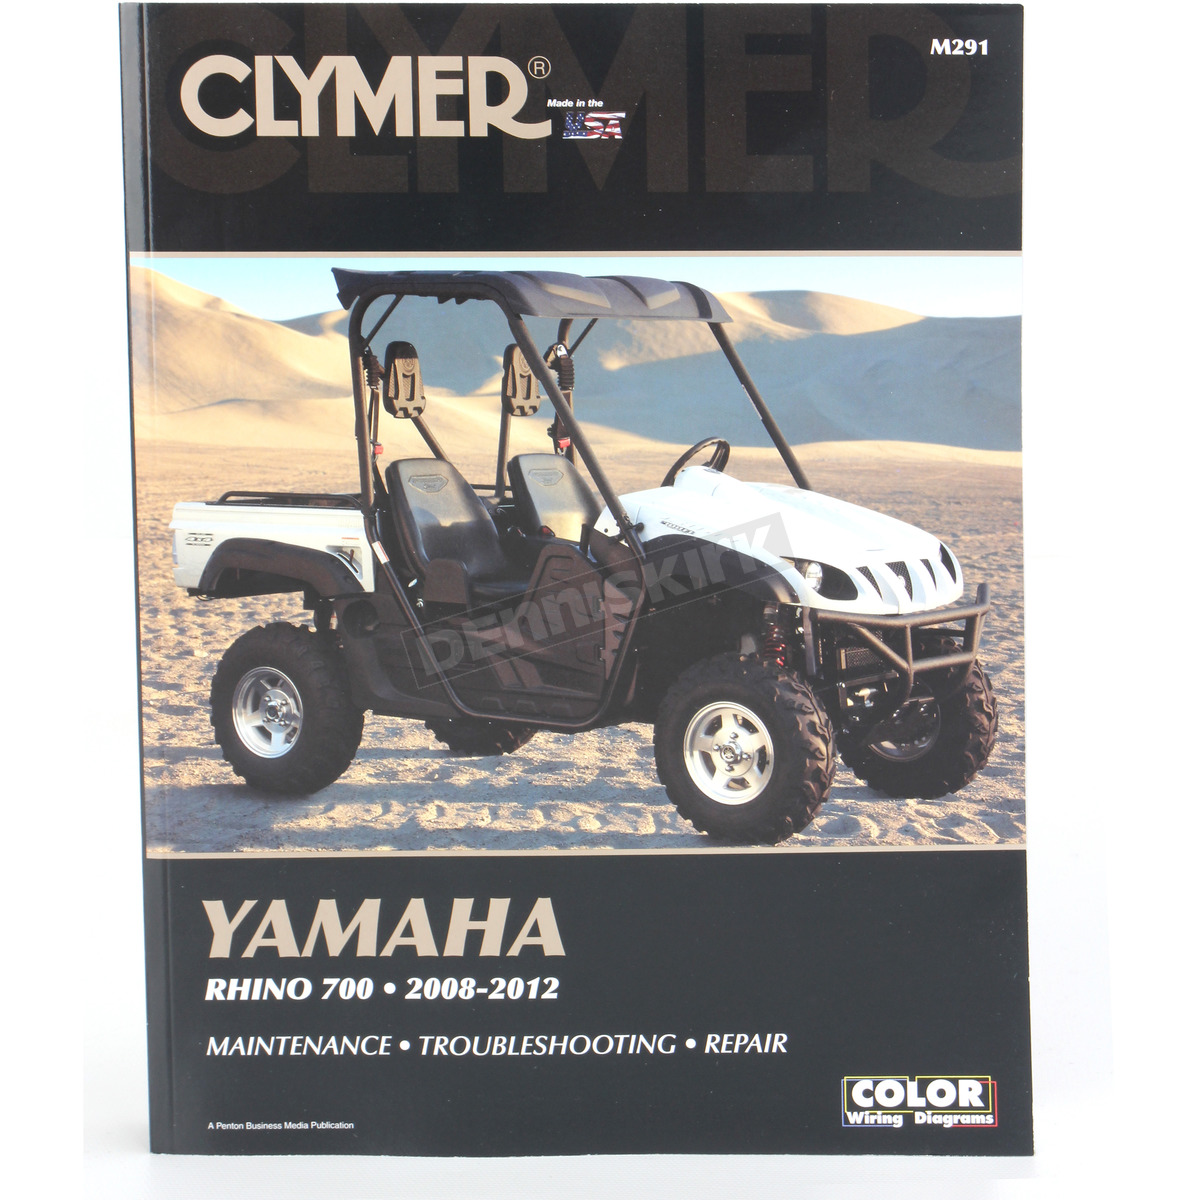 hight resolution of clymer yamaha rhino repair manual m291